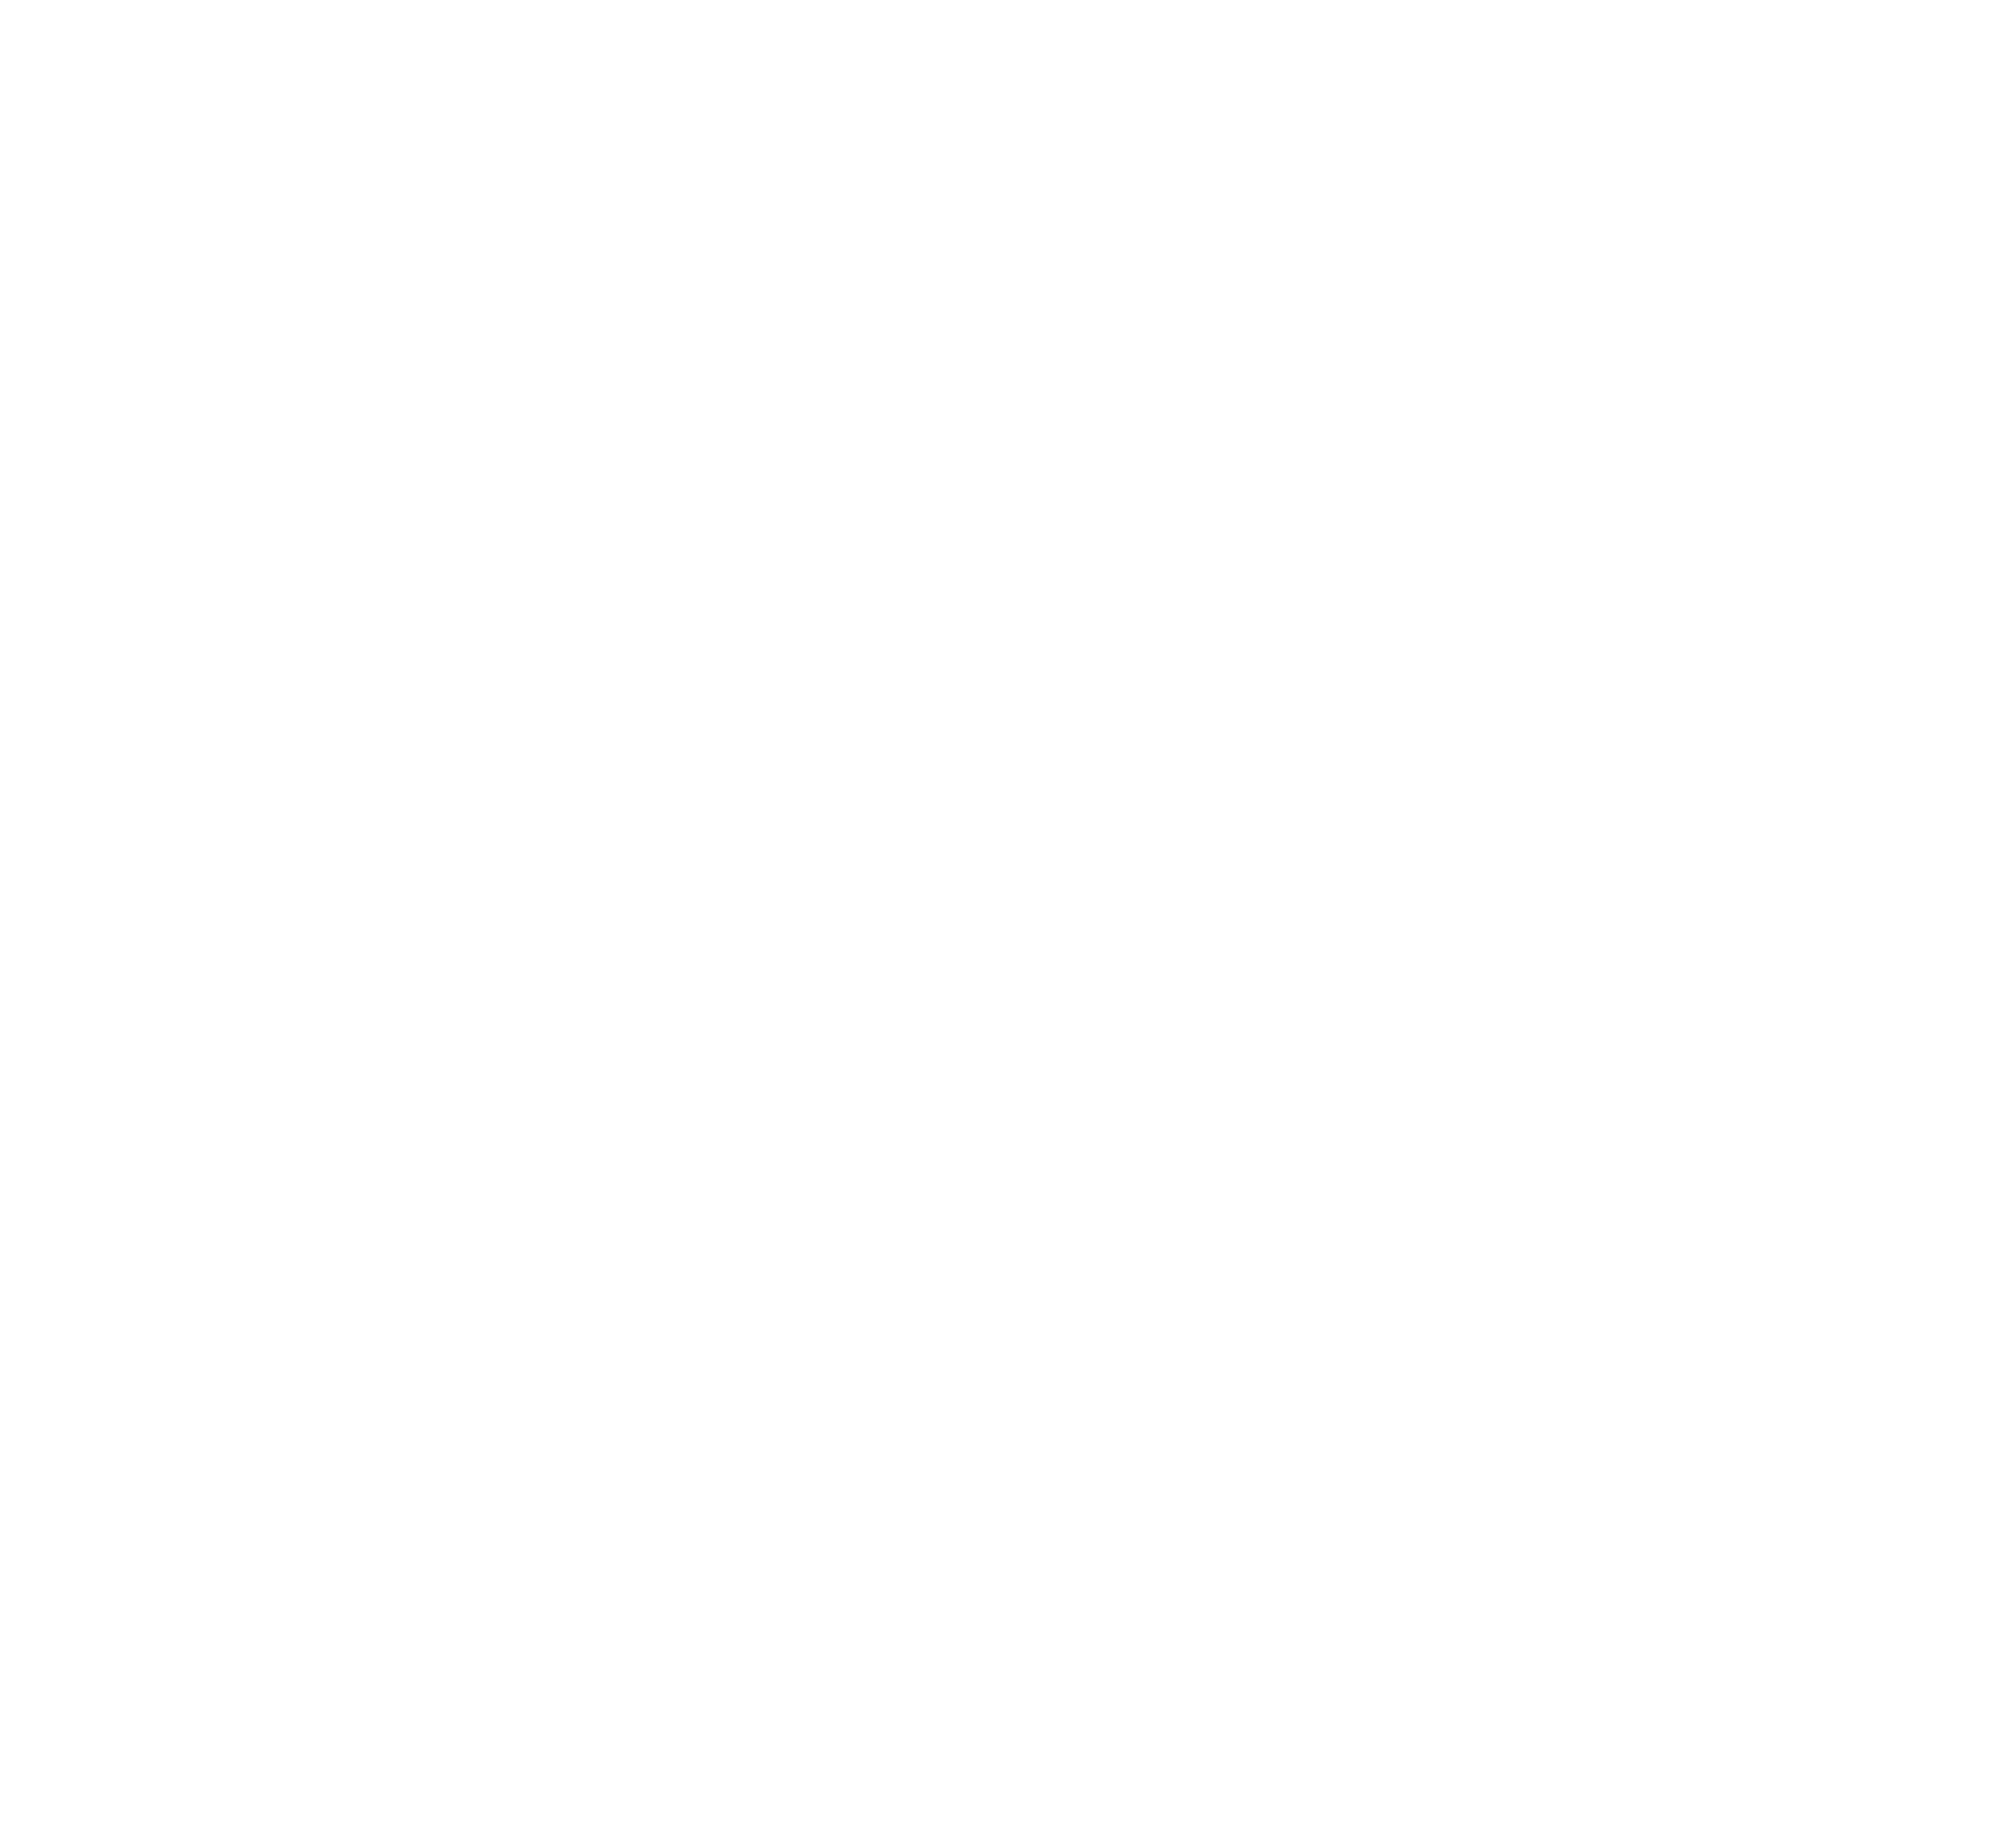 Планировка помещений Плартформы